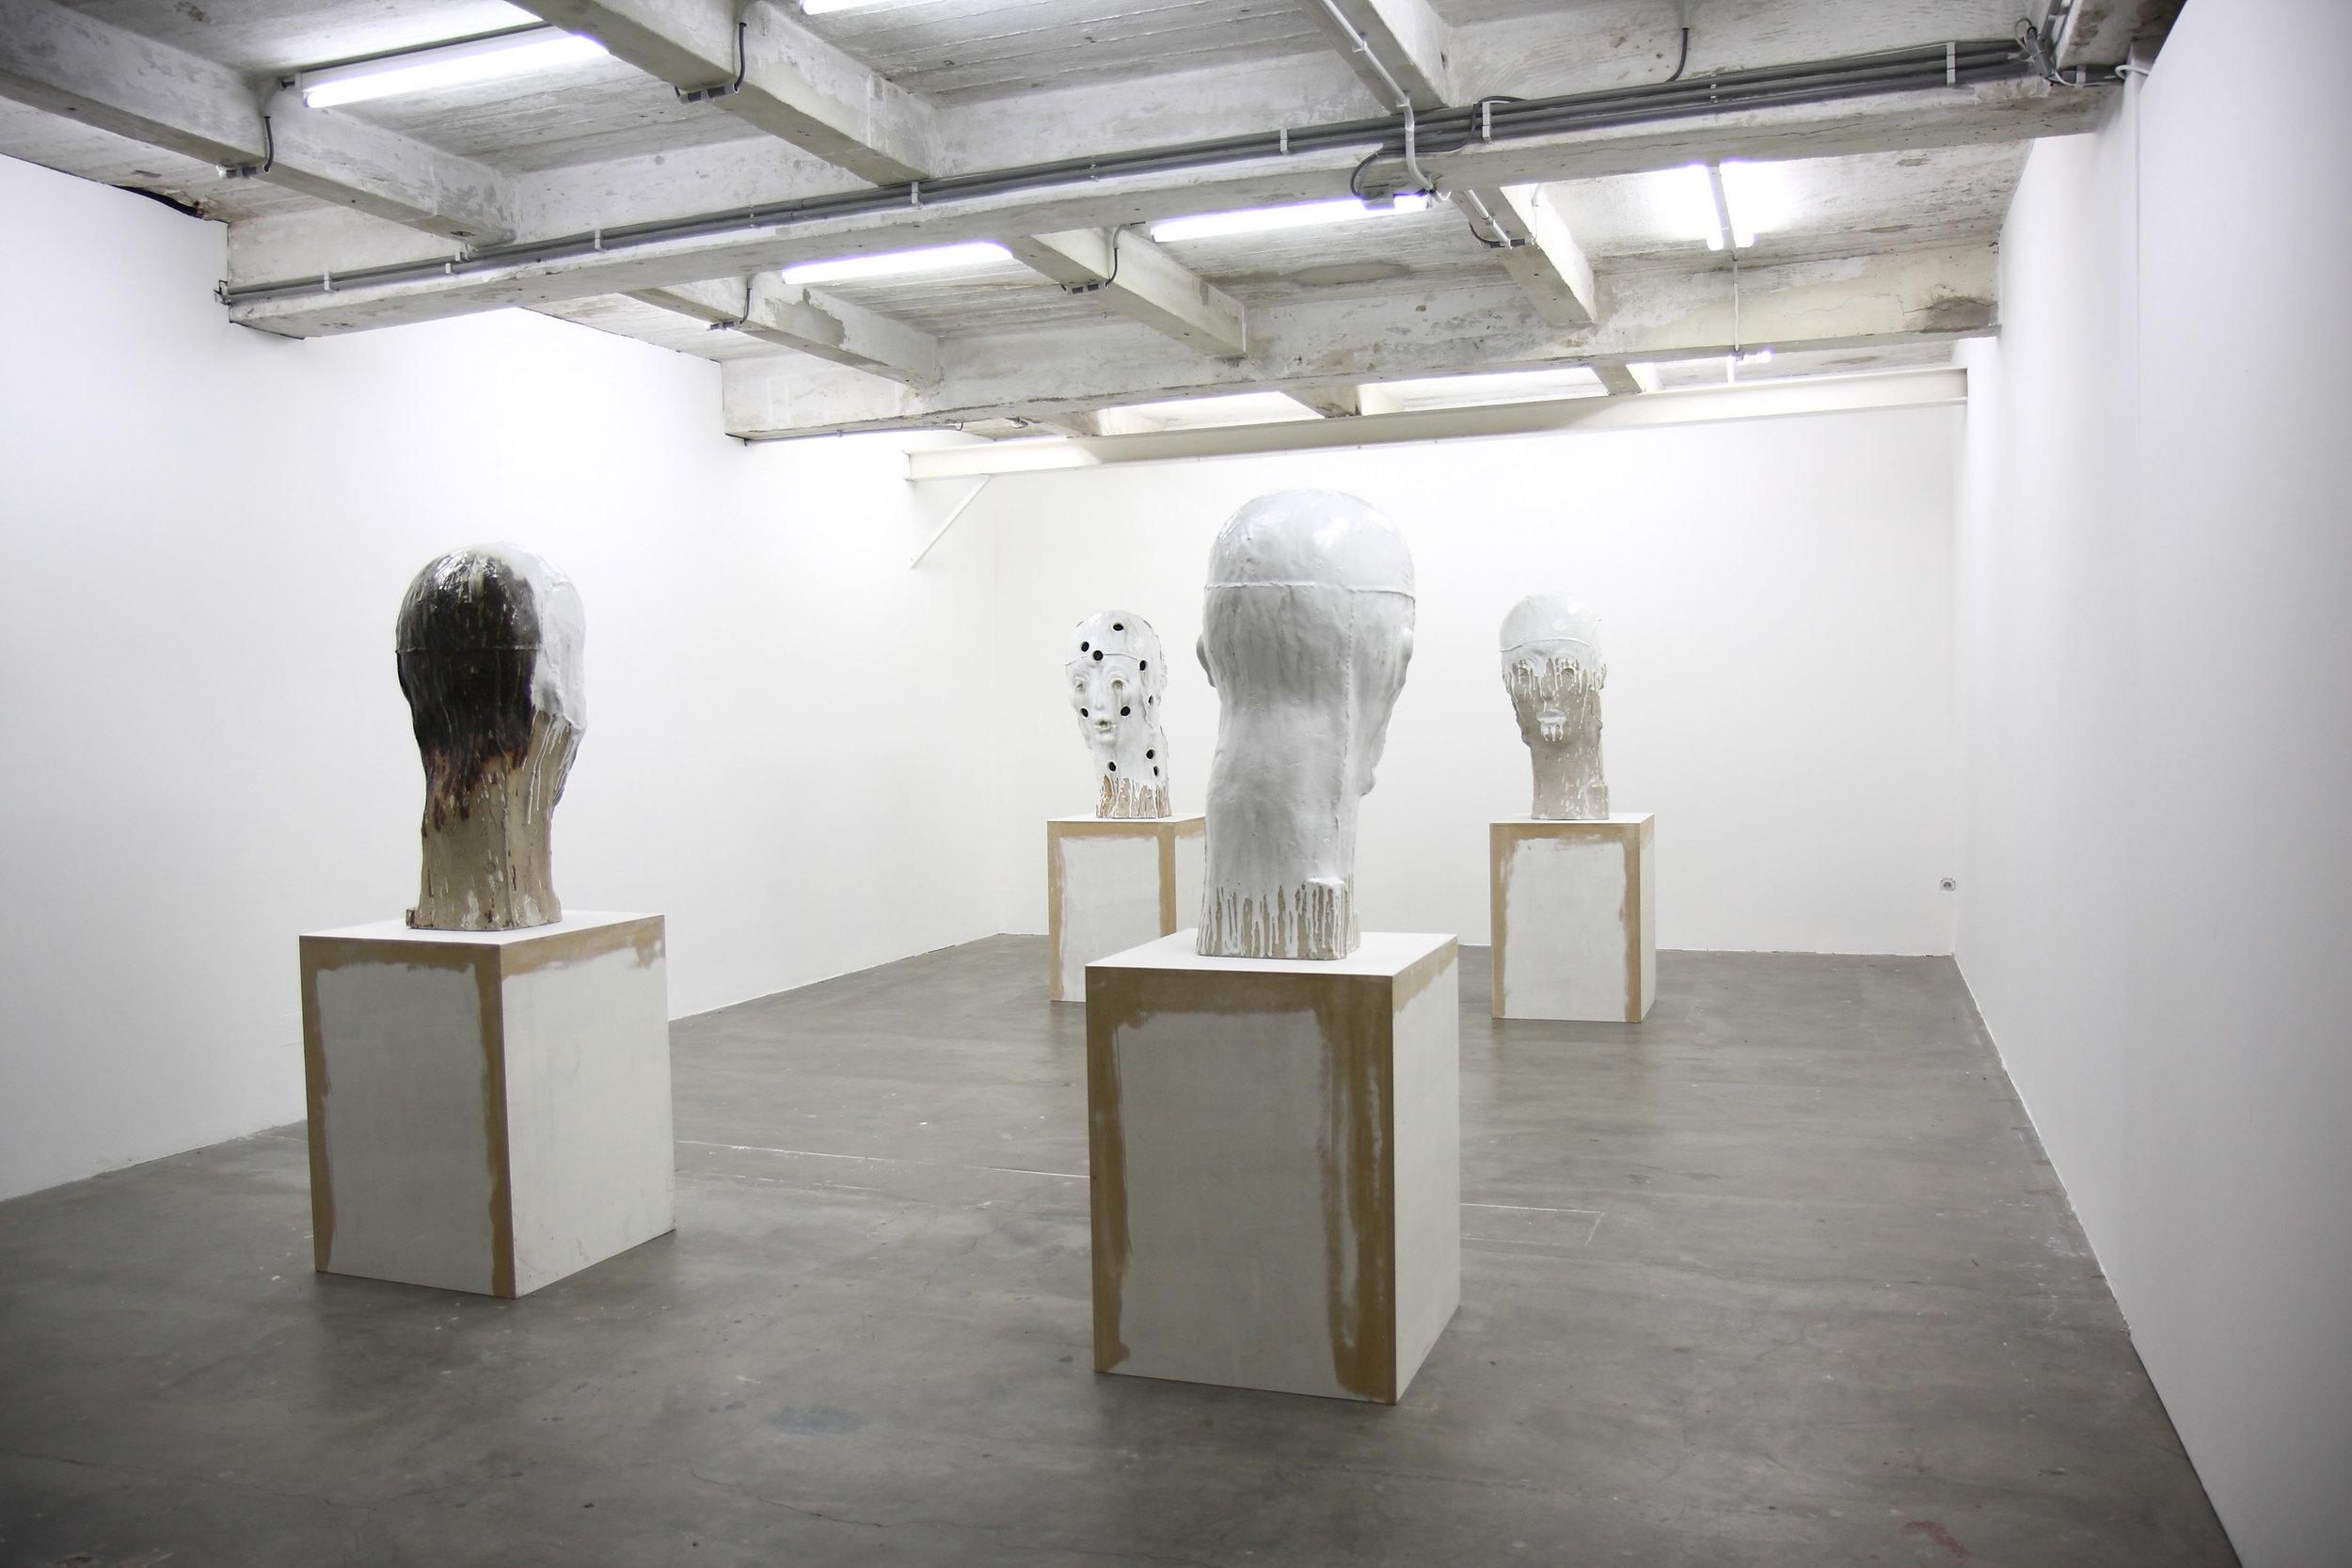 Installation, 2012